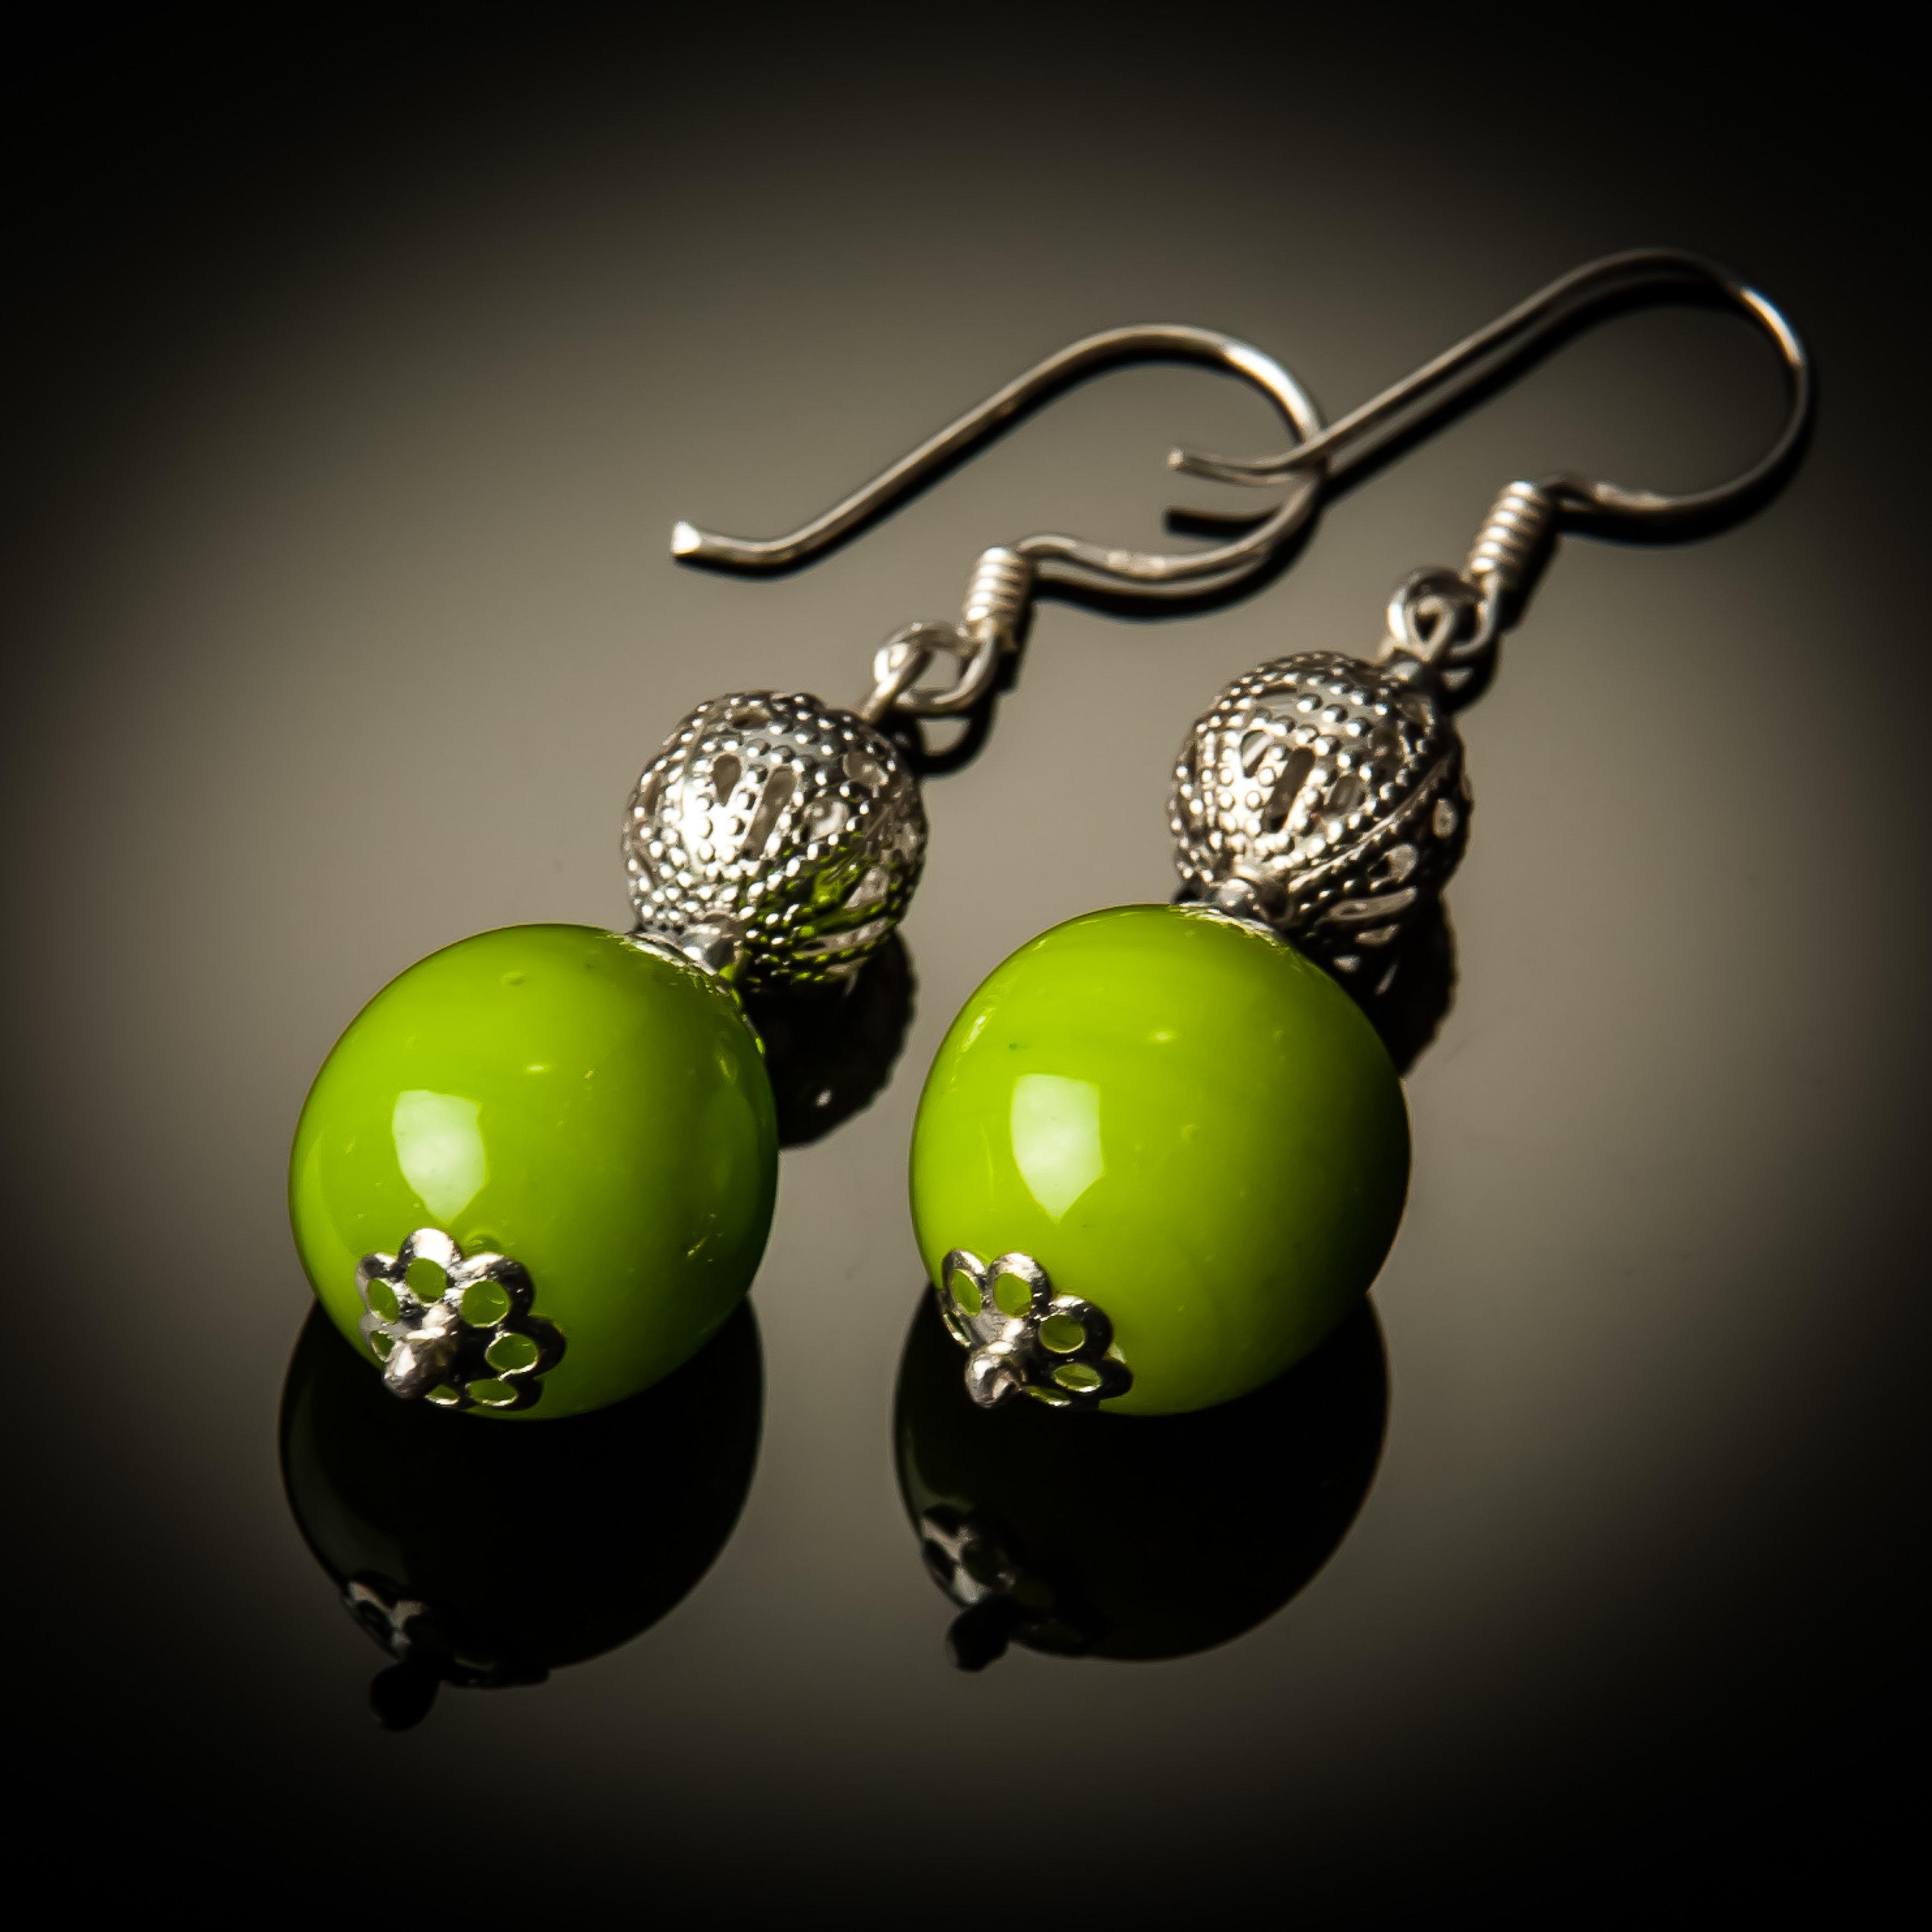 Green Glass Bead Sterling Silver Earrings 782-ER-Lime green